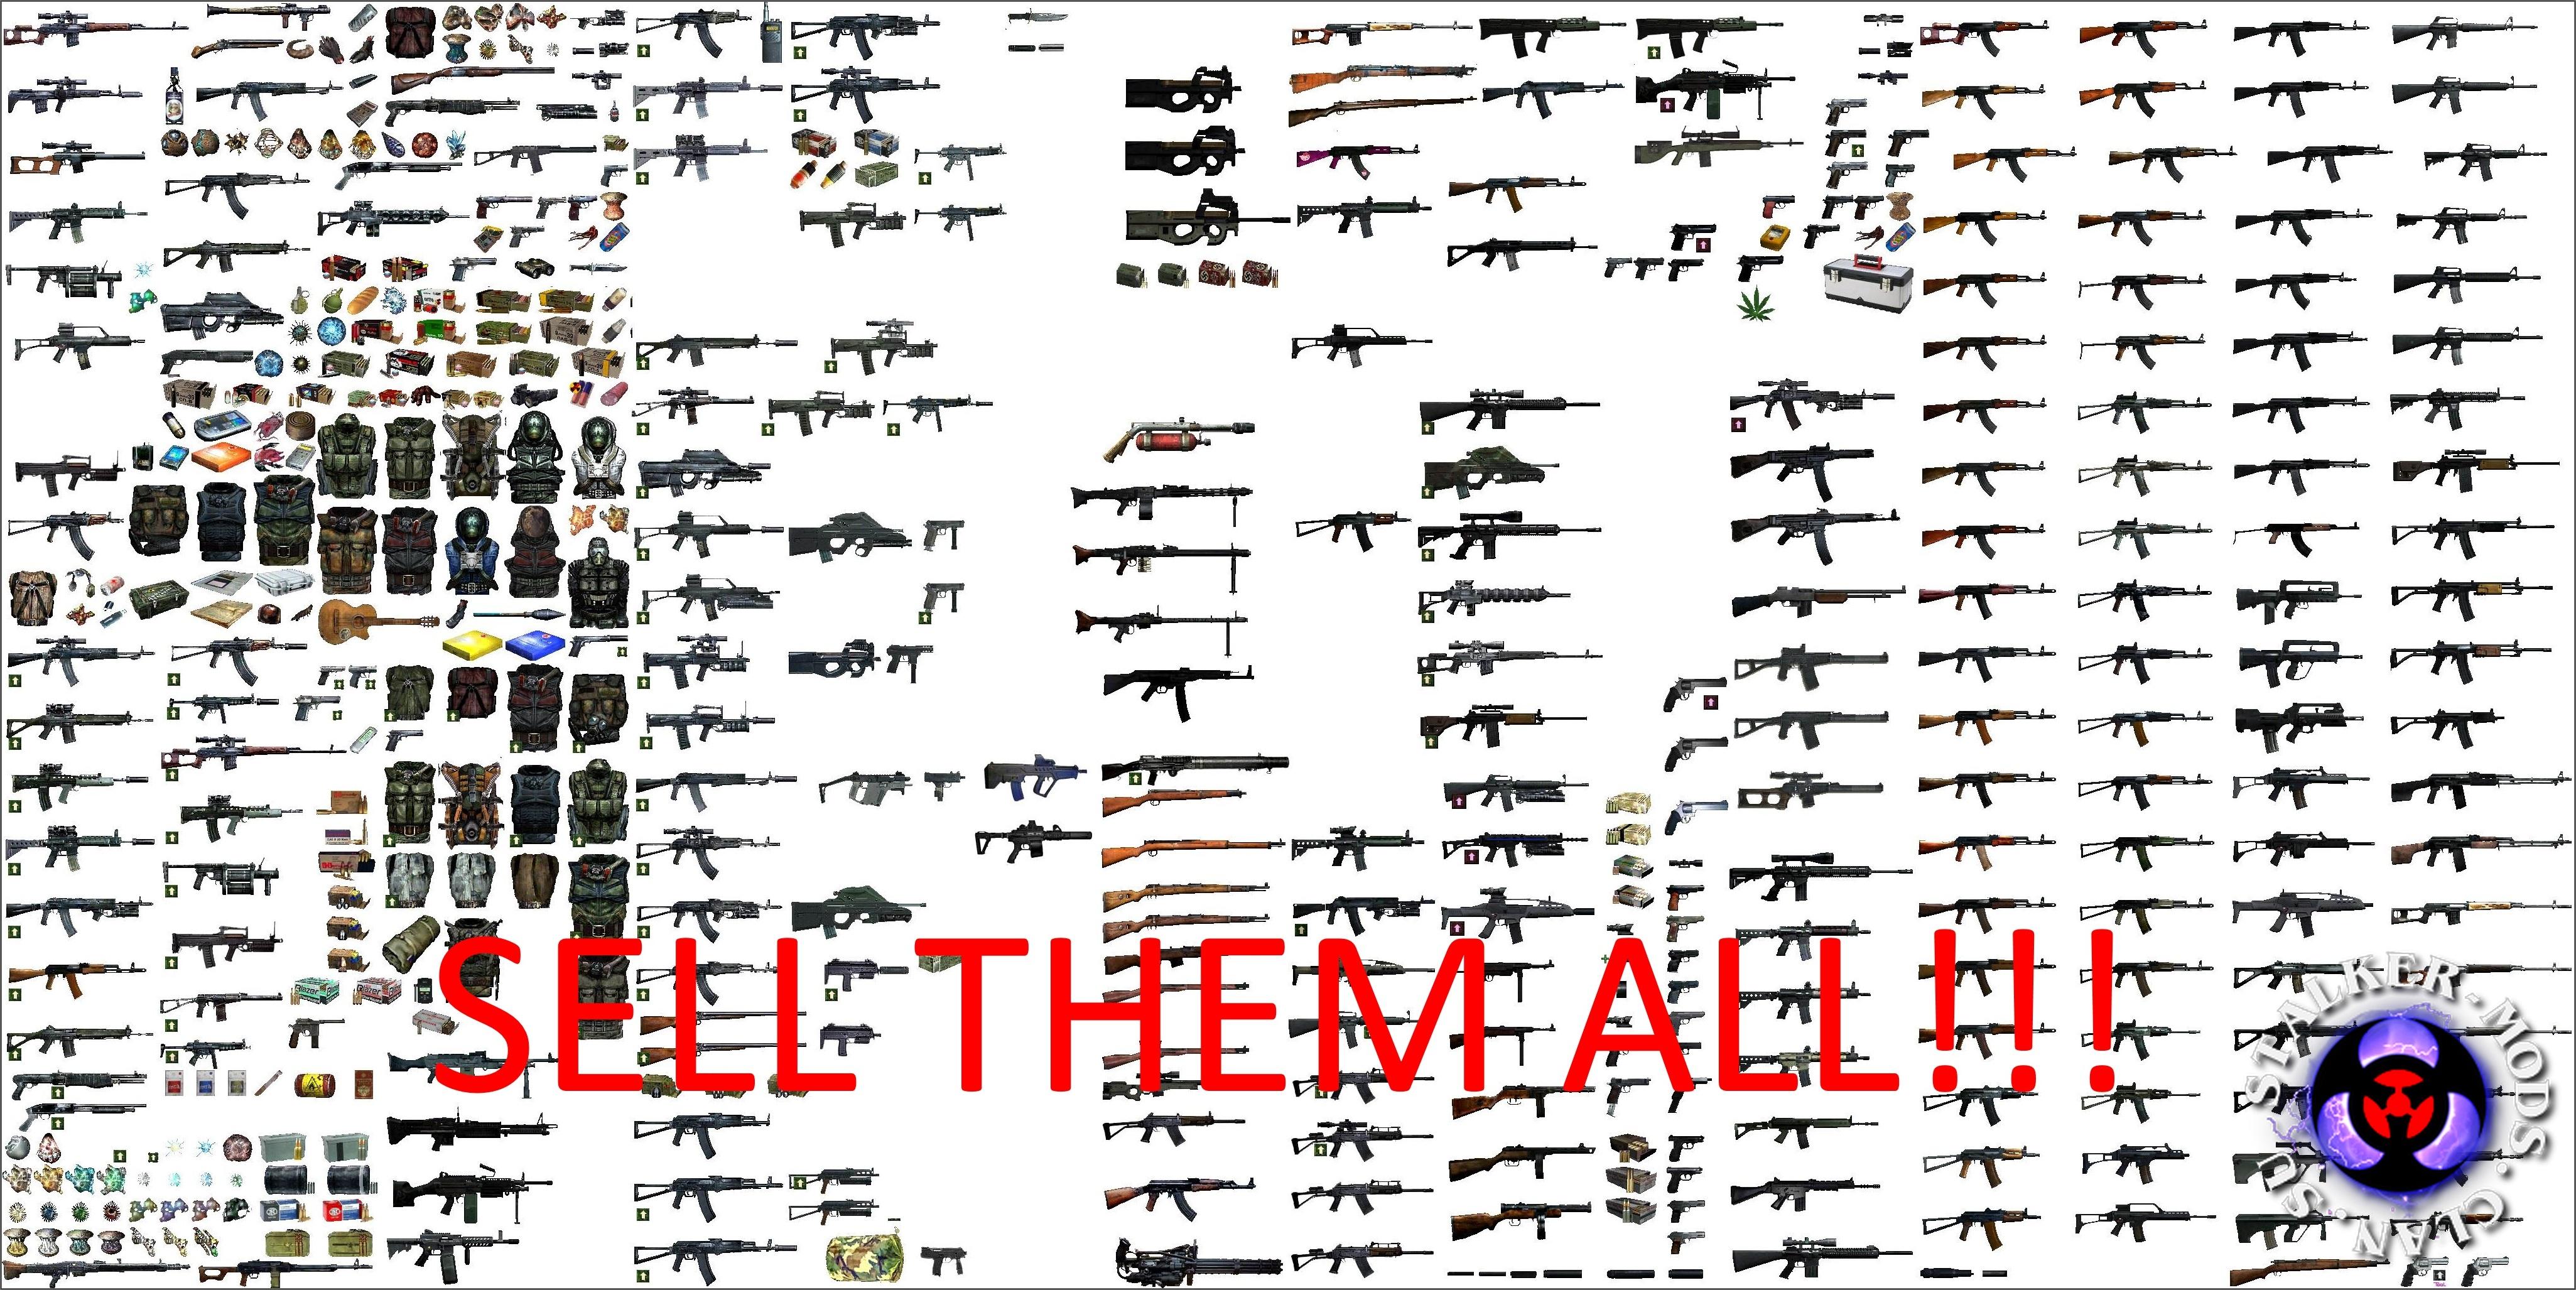 торгаши скупают поломанное оружие